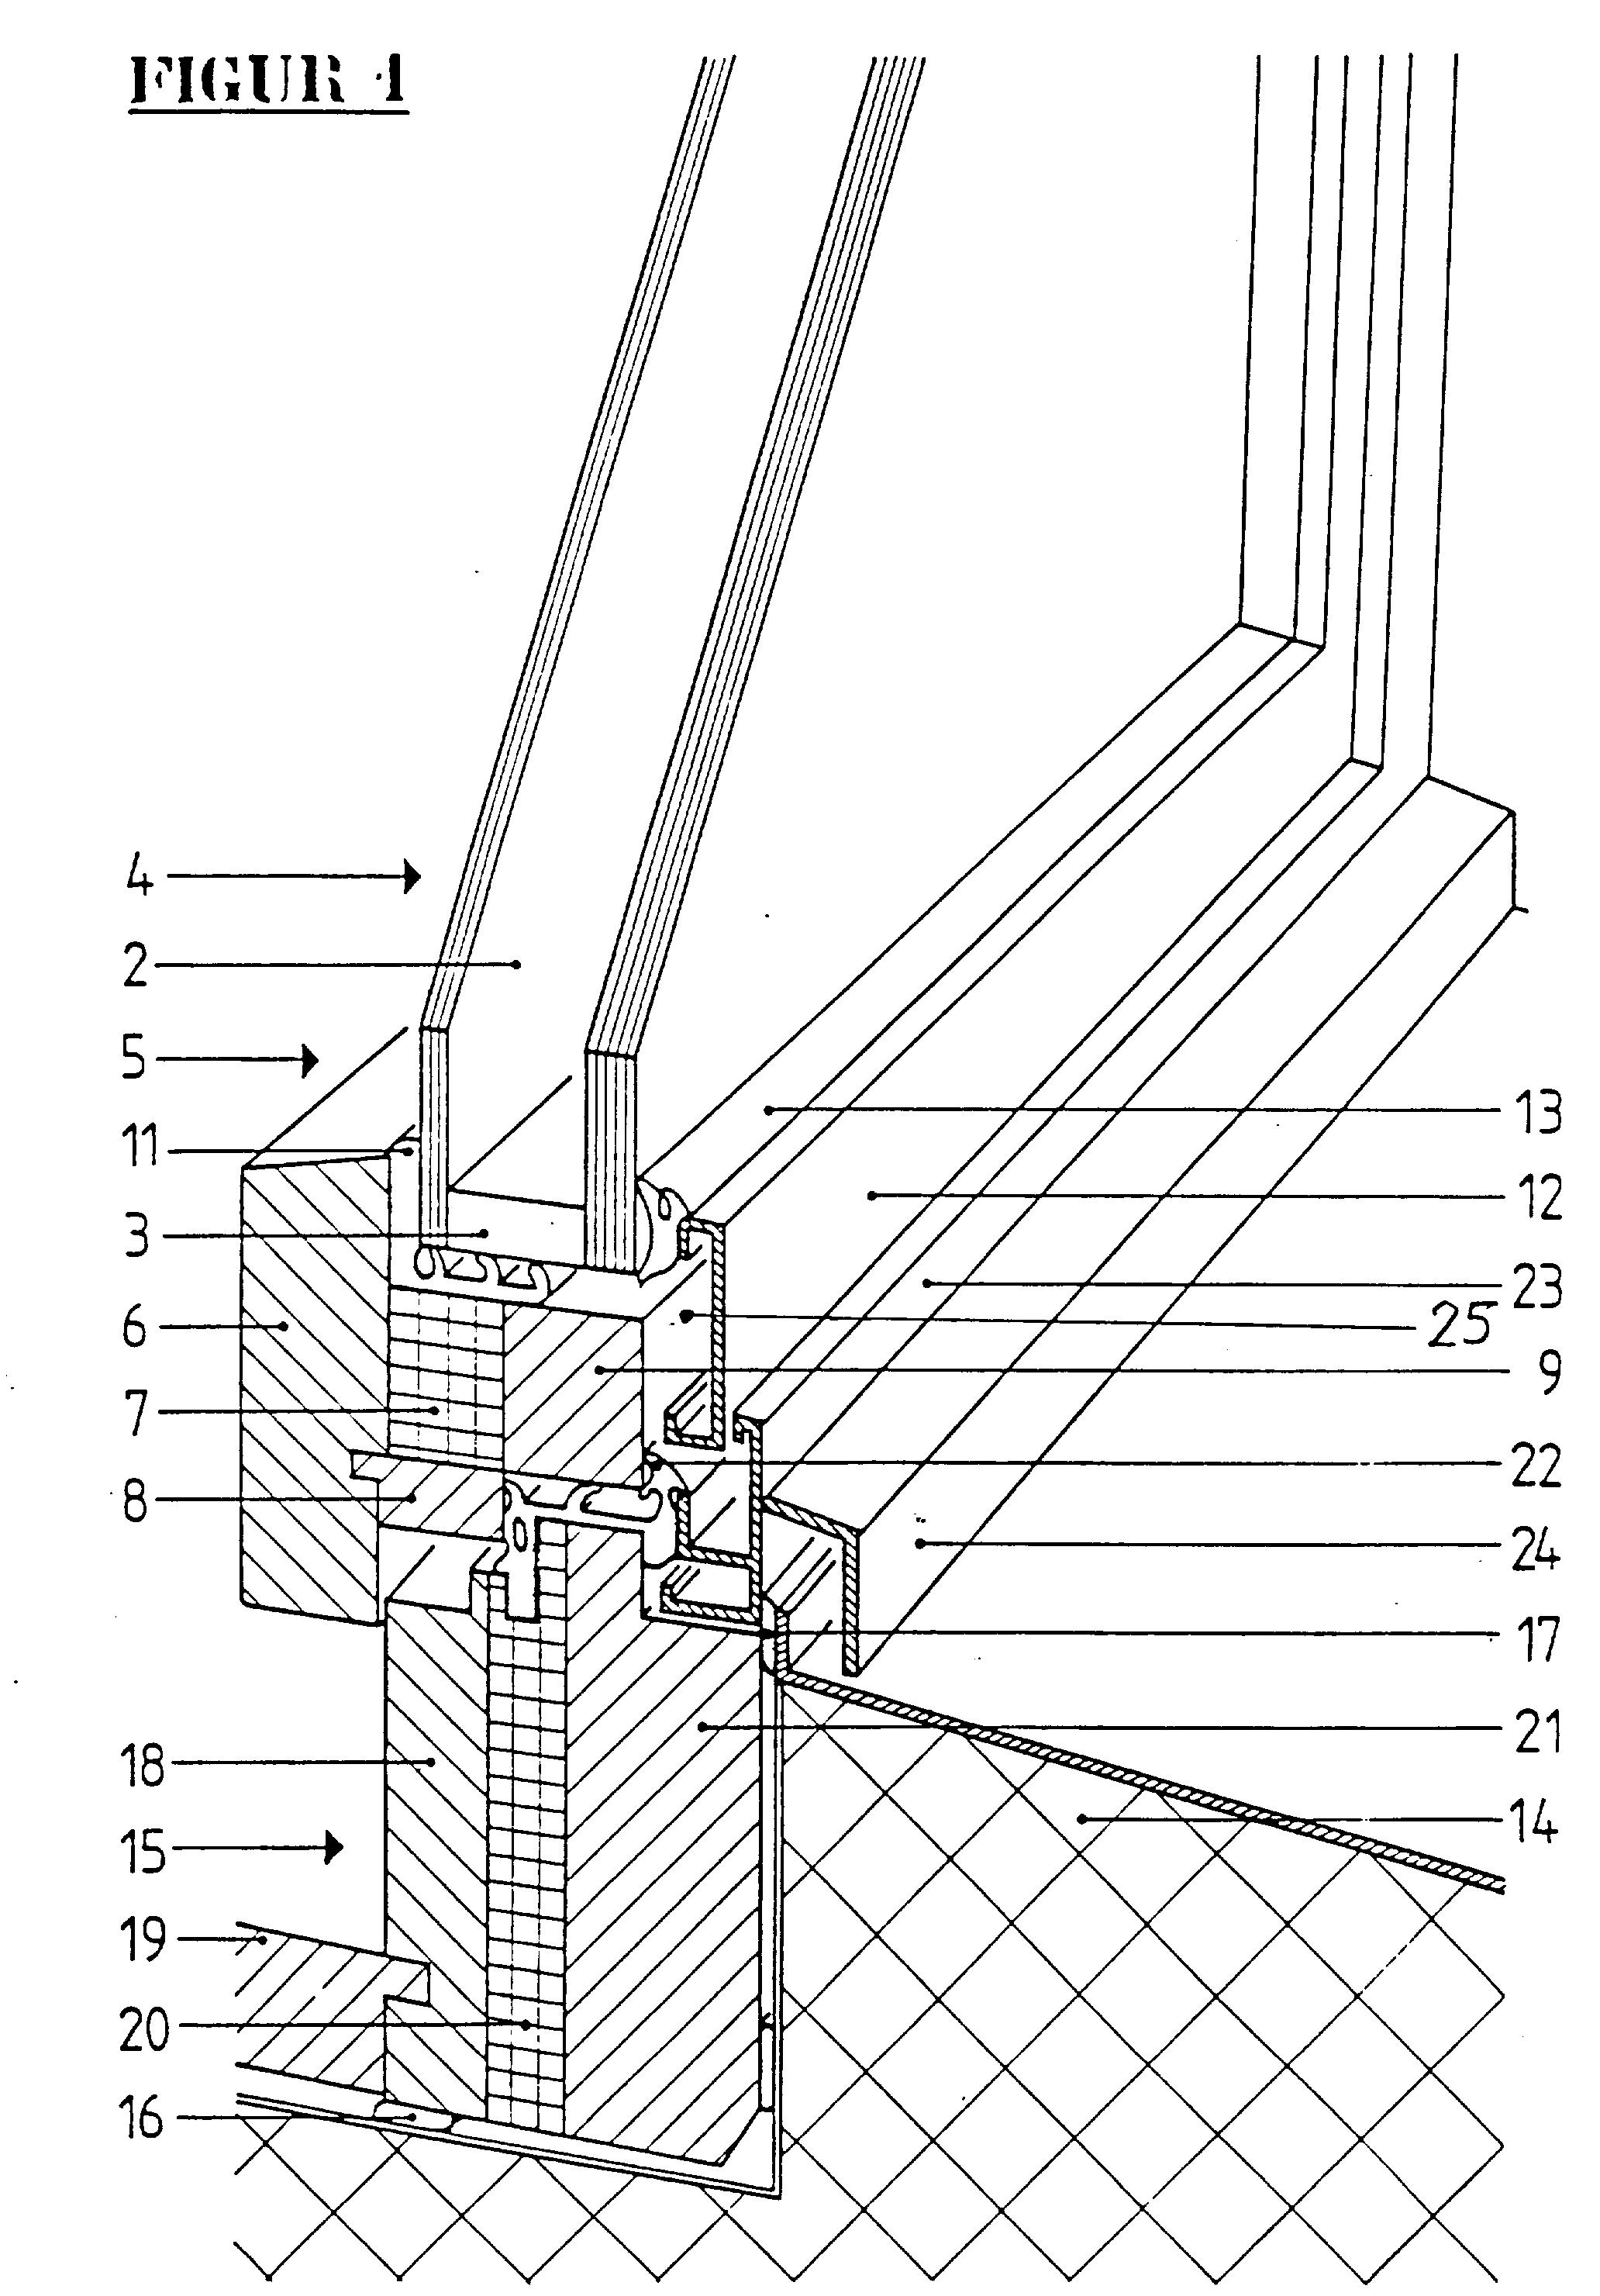 Kunststofffenster detail schnitt  Patent EP0493552B1 - Statisch stabile, thermisch vollständig ...